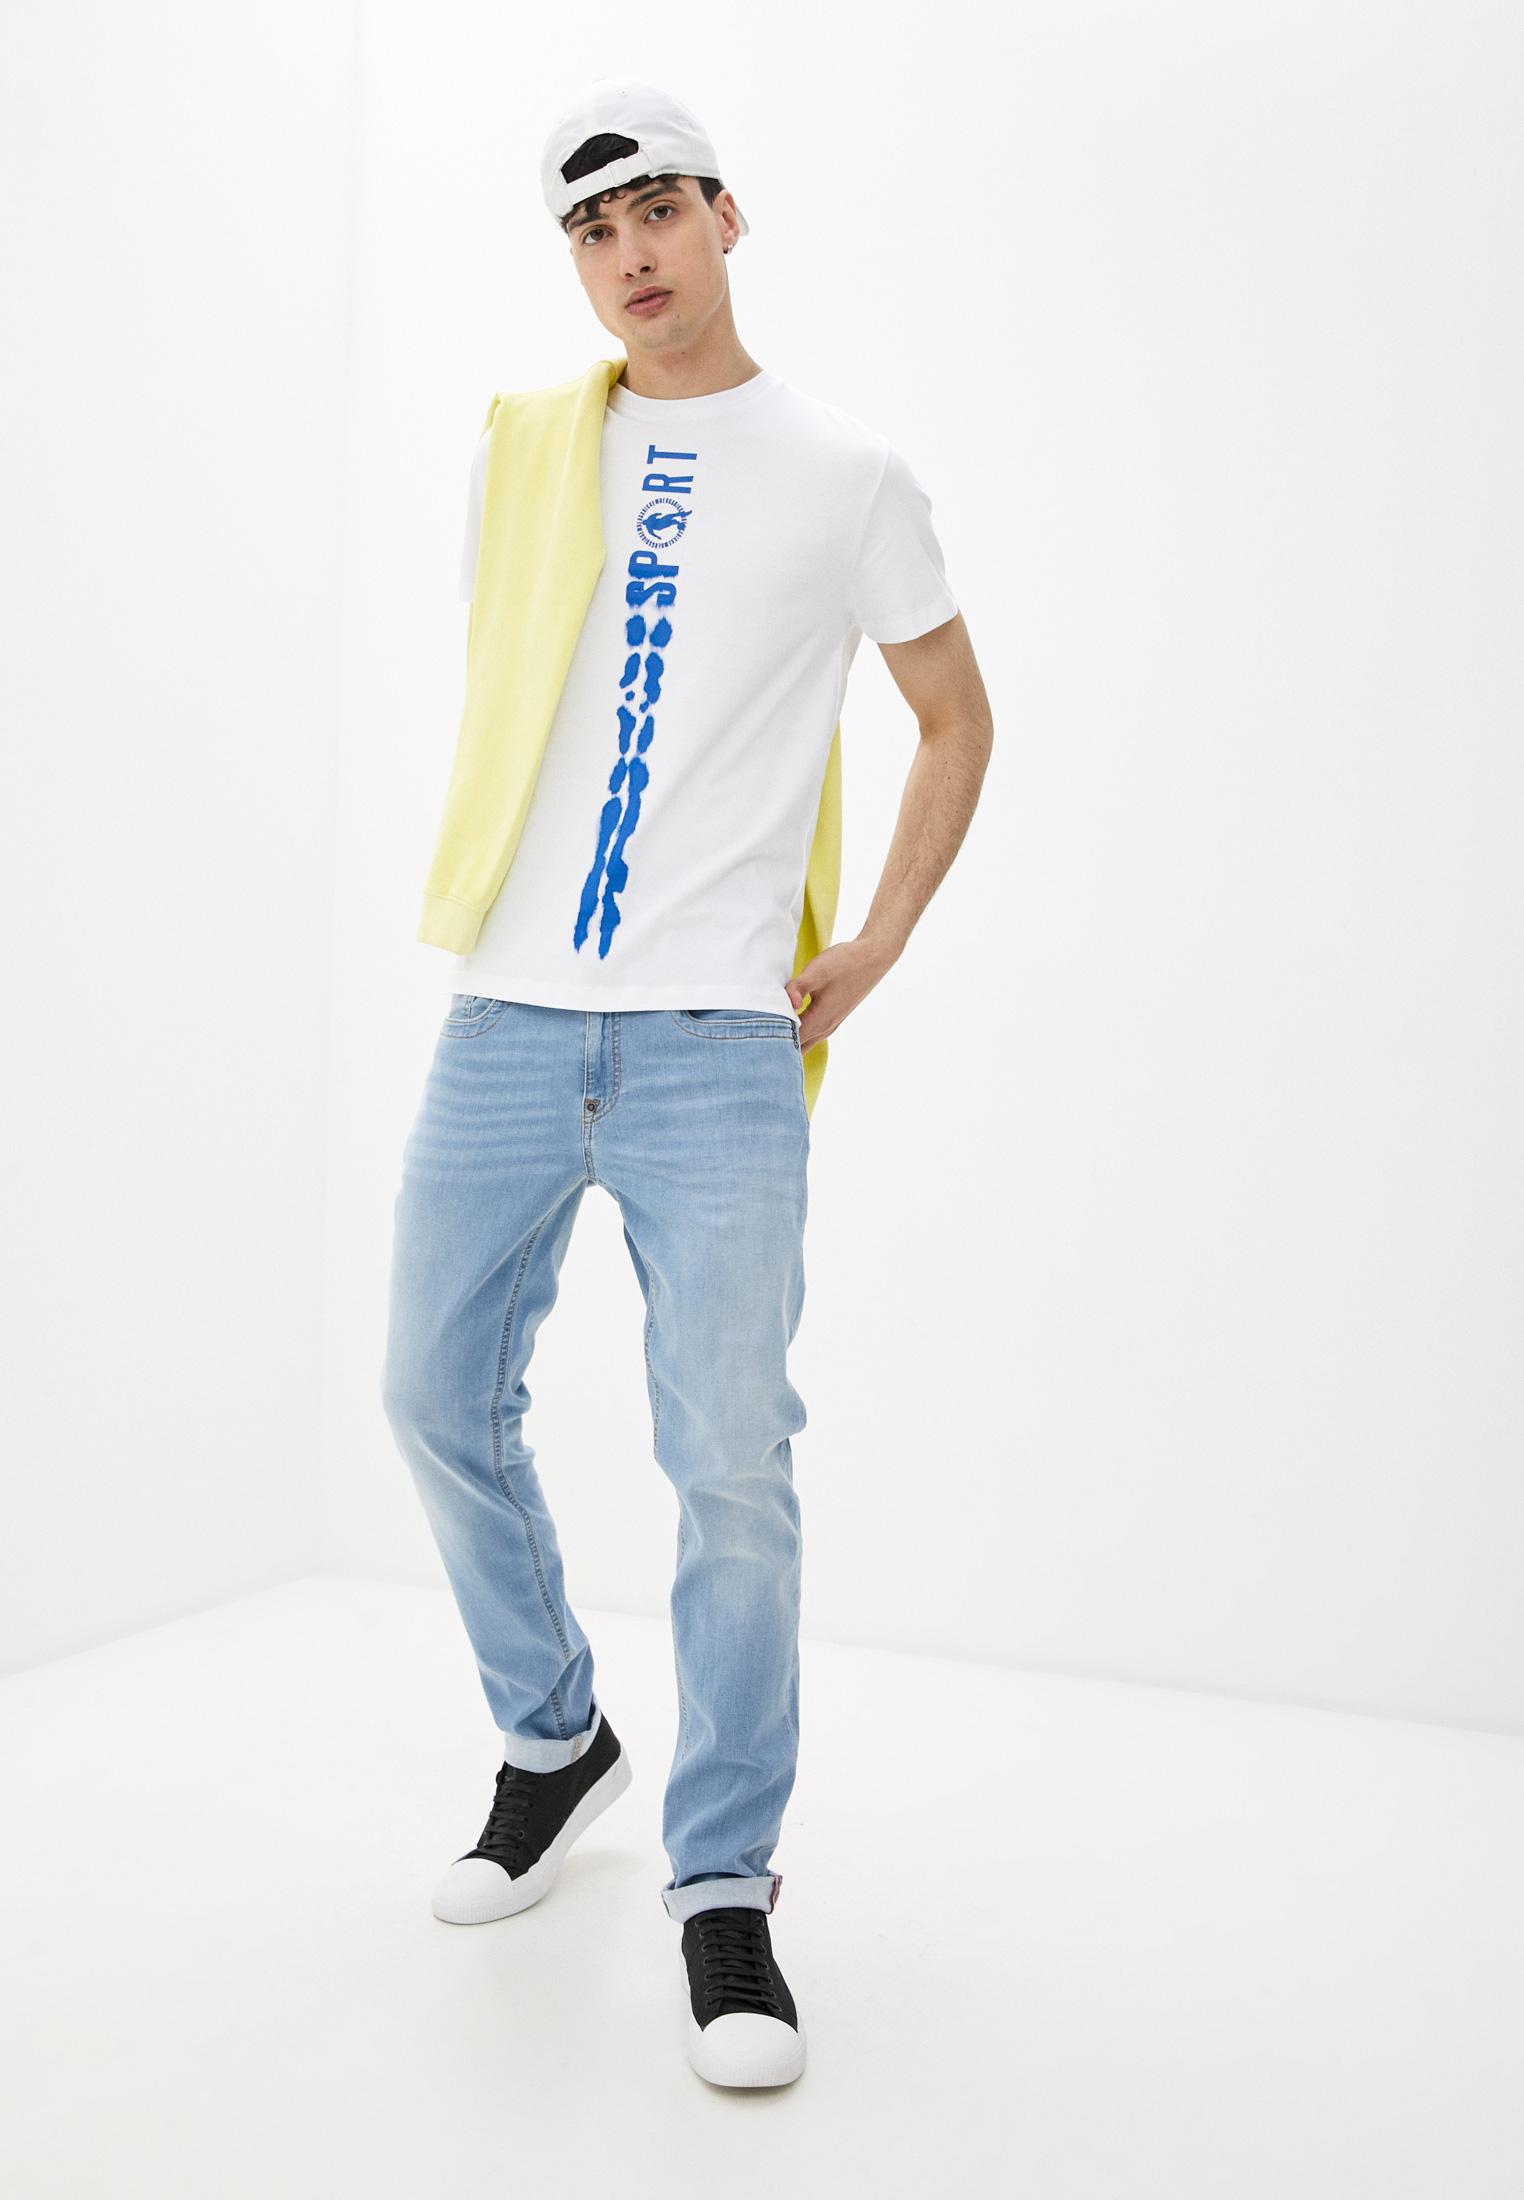 Мужская футболка Bikkembergs (Биккембергс) C 4 101 26 E 2231: изображение 3